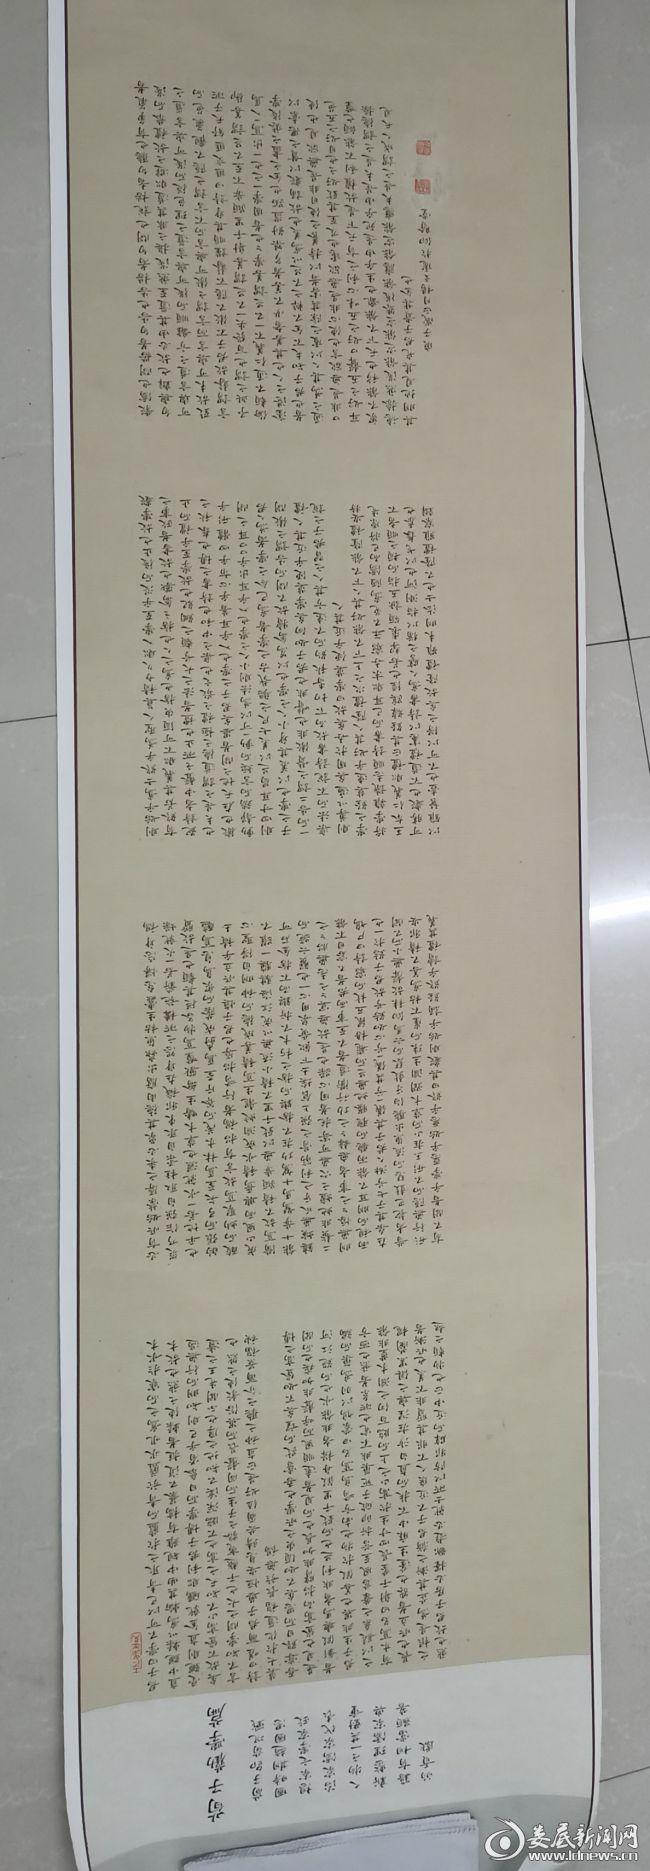 (书法类一等奖作品 杨文彪《劝学》)